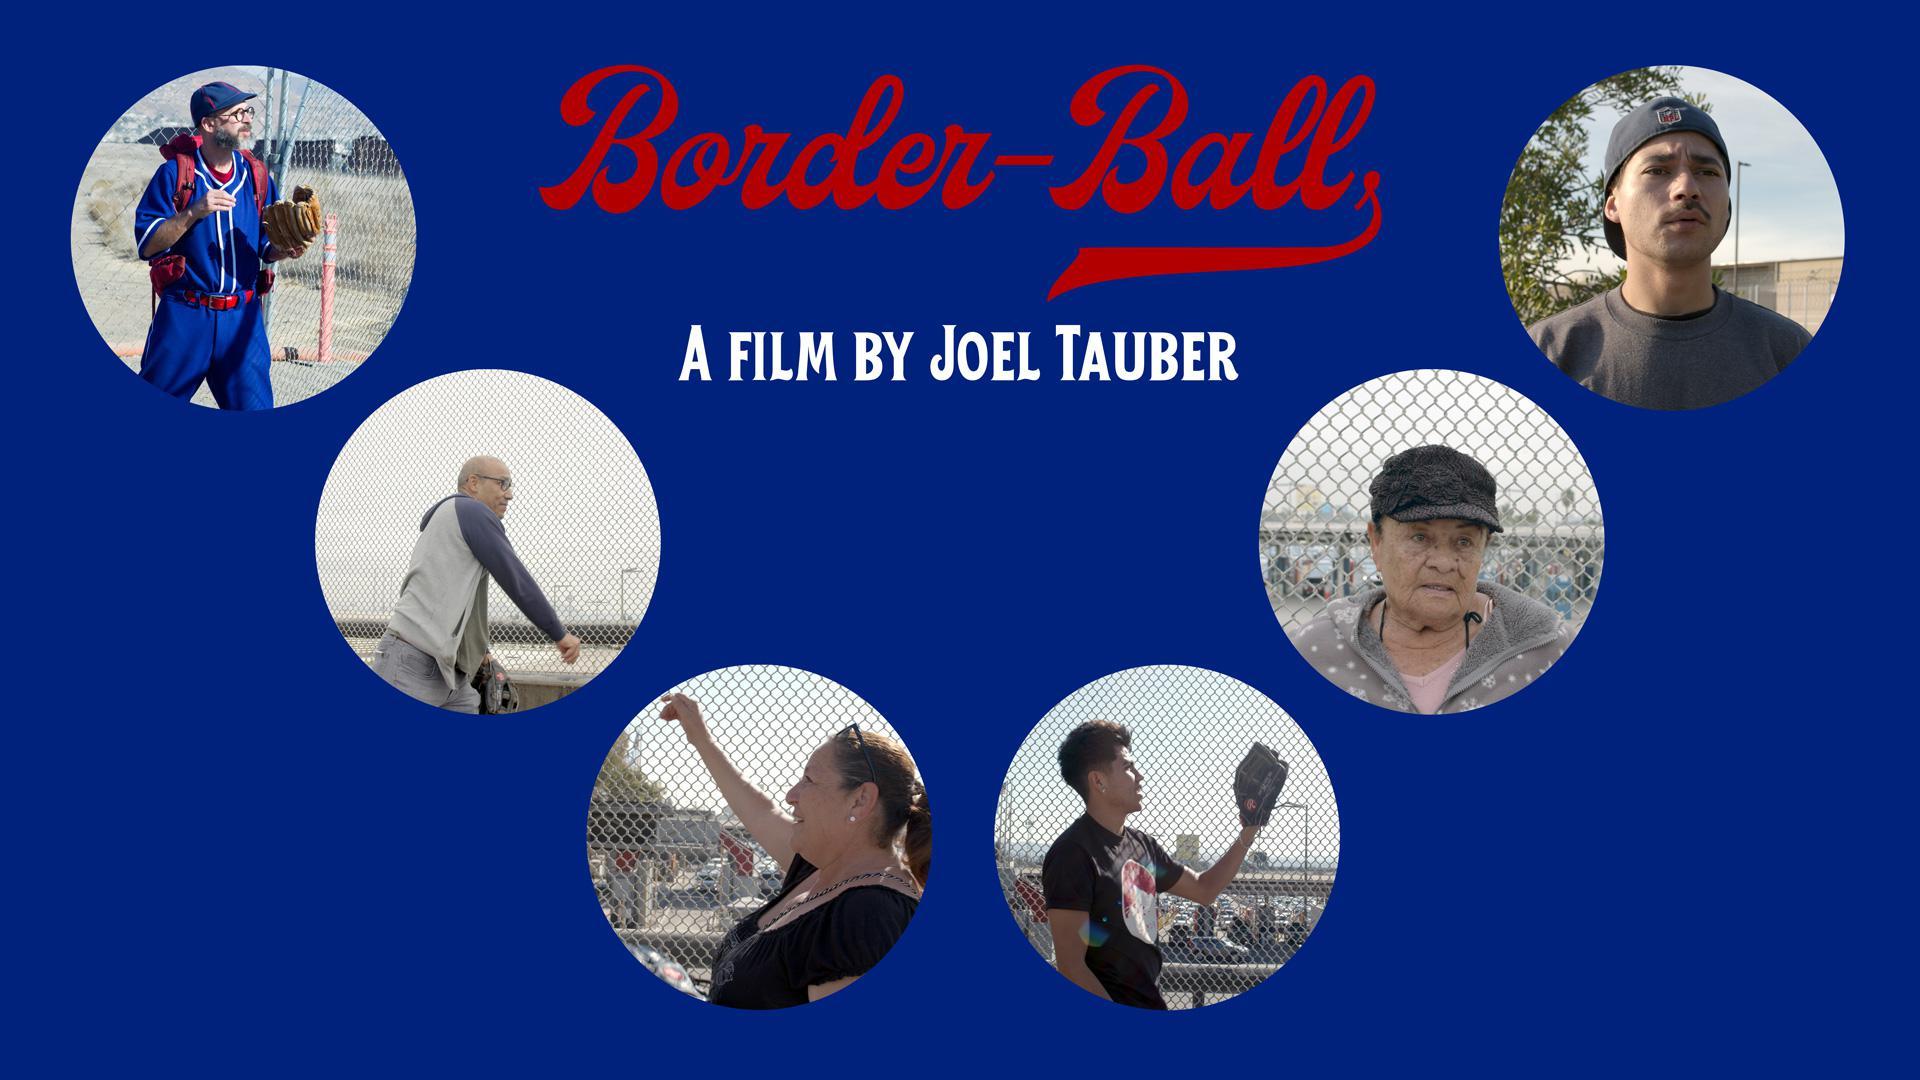 Border-Ball